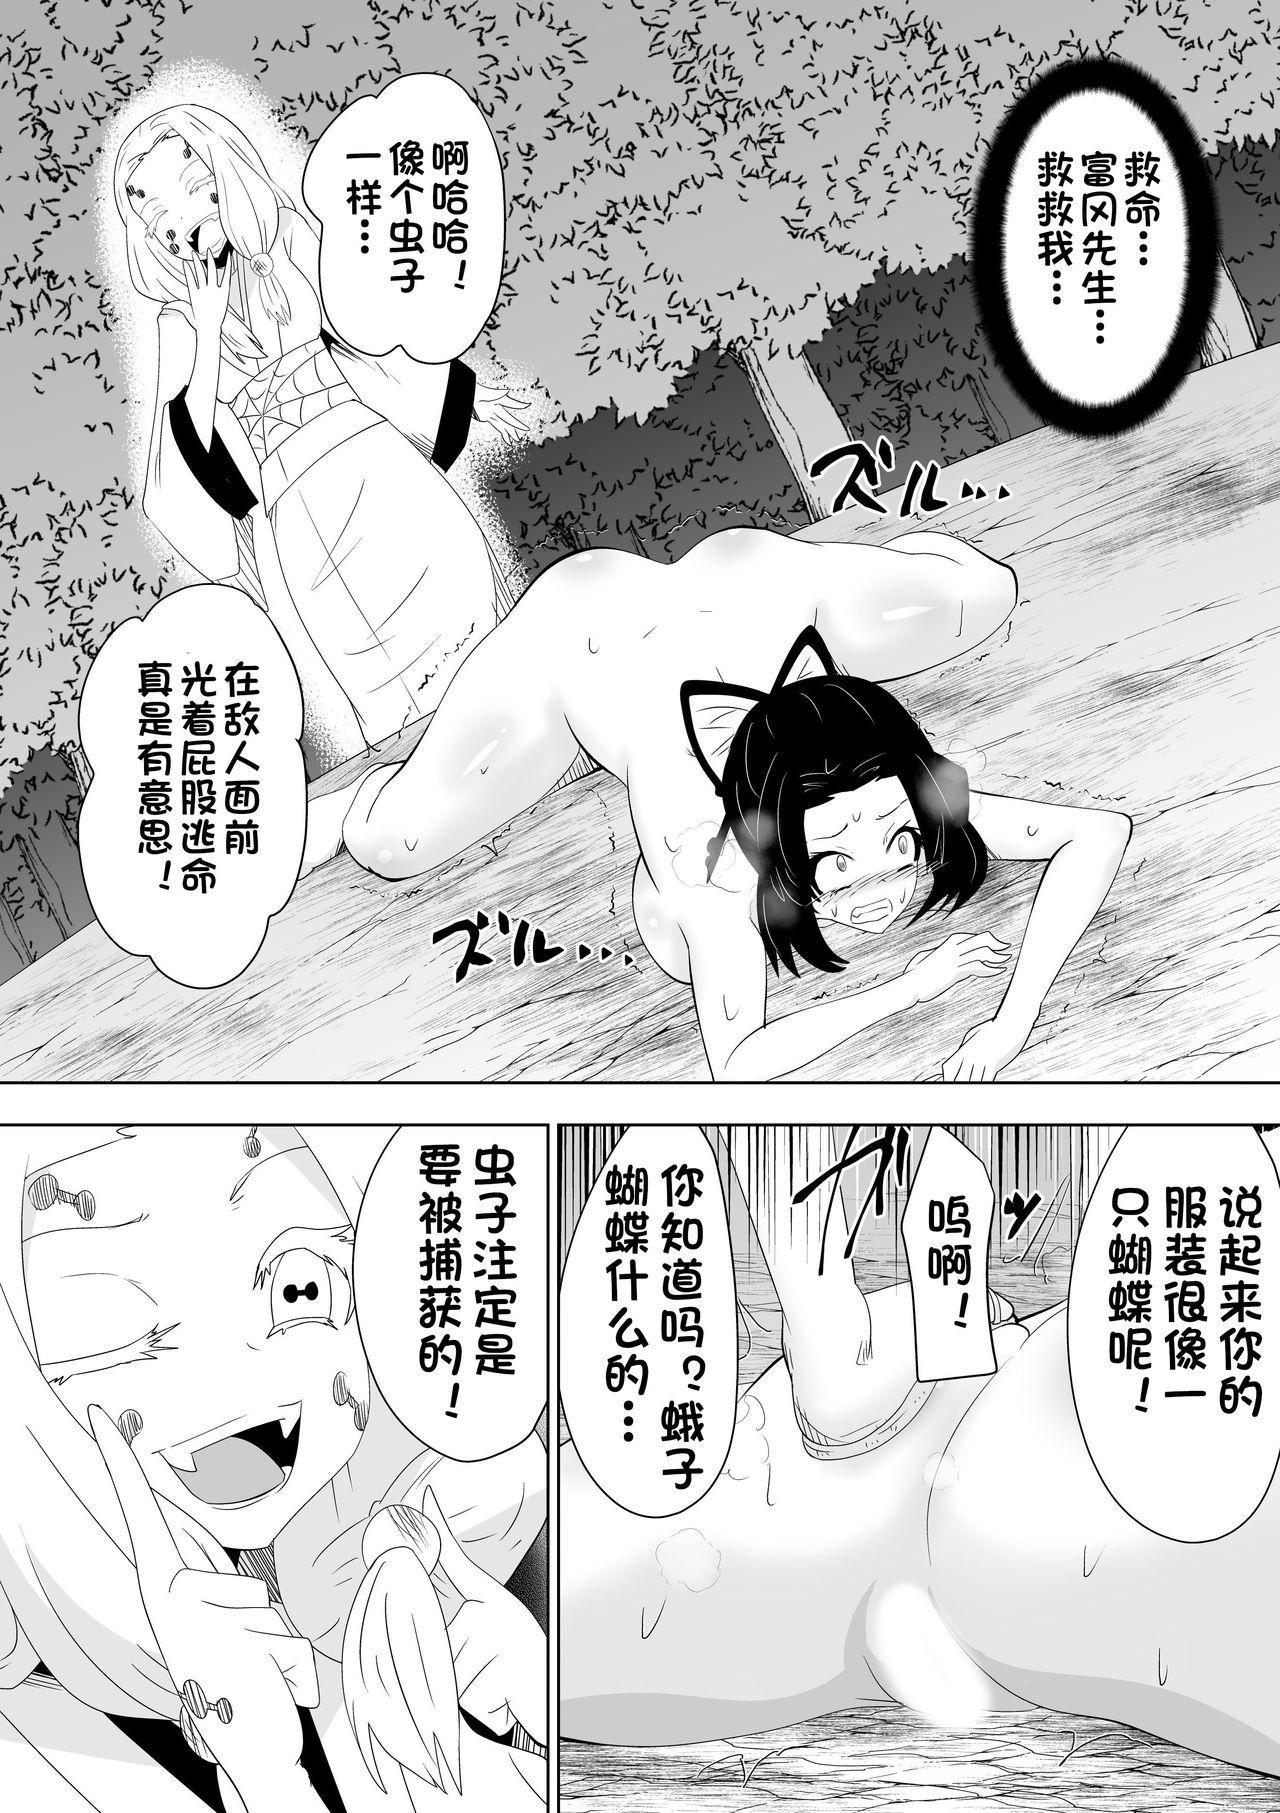 Hametsu no Shinobu 7